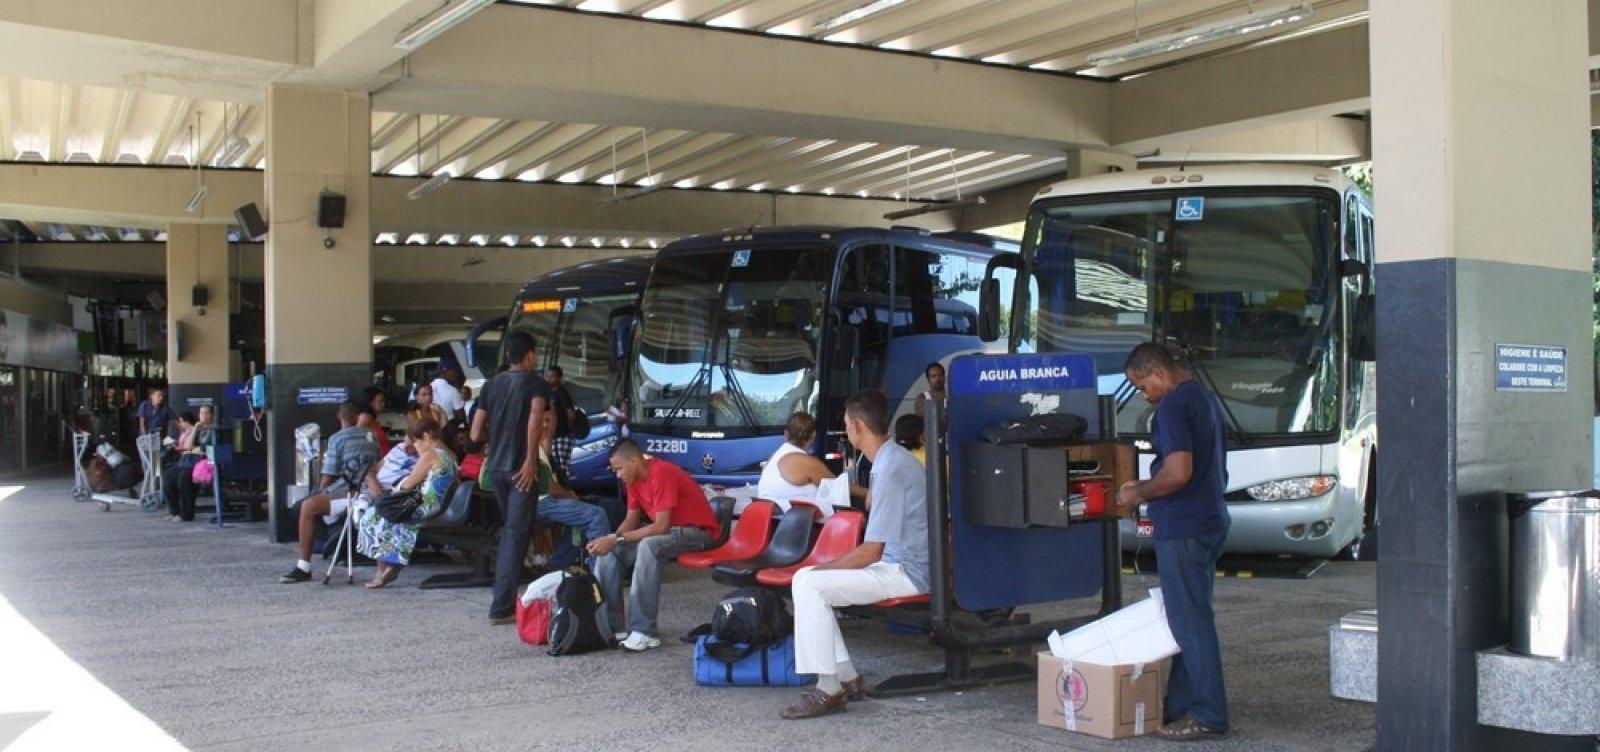 [Rodoviária de Salvador terá 150 horários extras no feriado da Semana Santa]